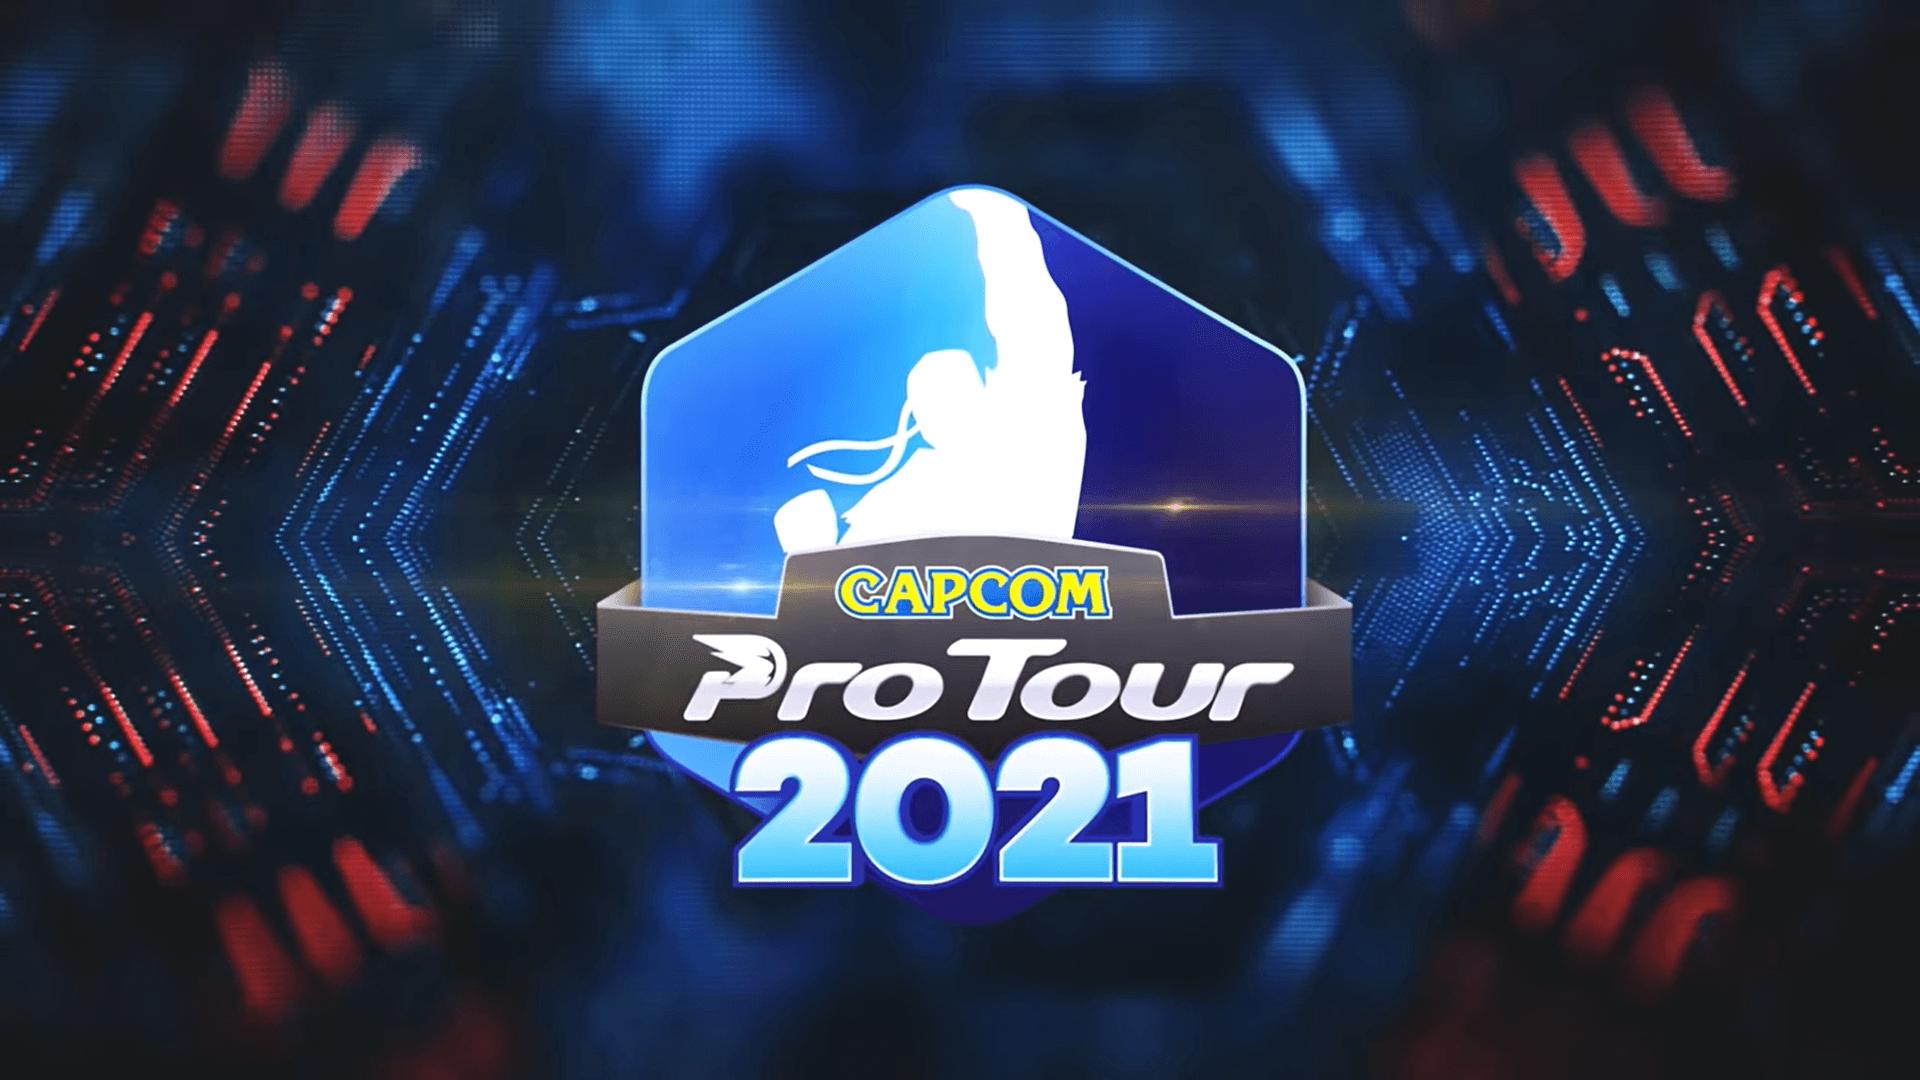 Capcom Pro Tour 2021: Schedule and DLC